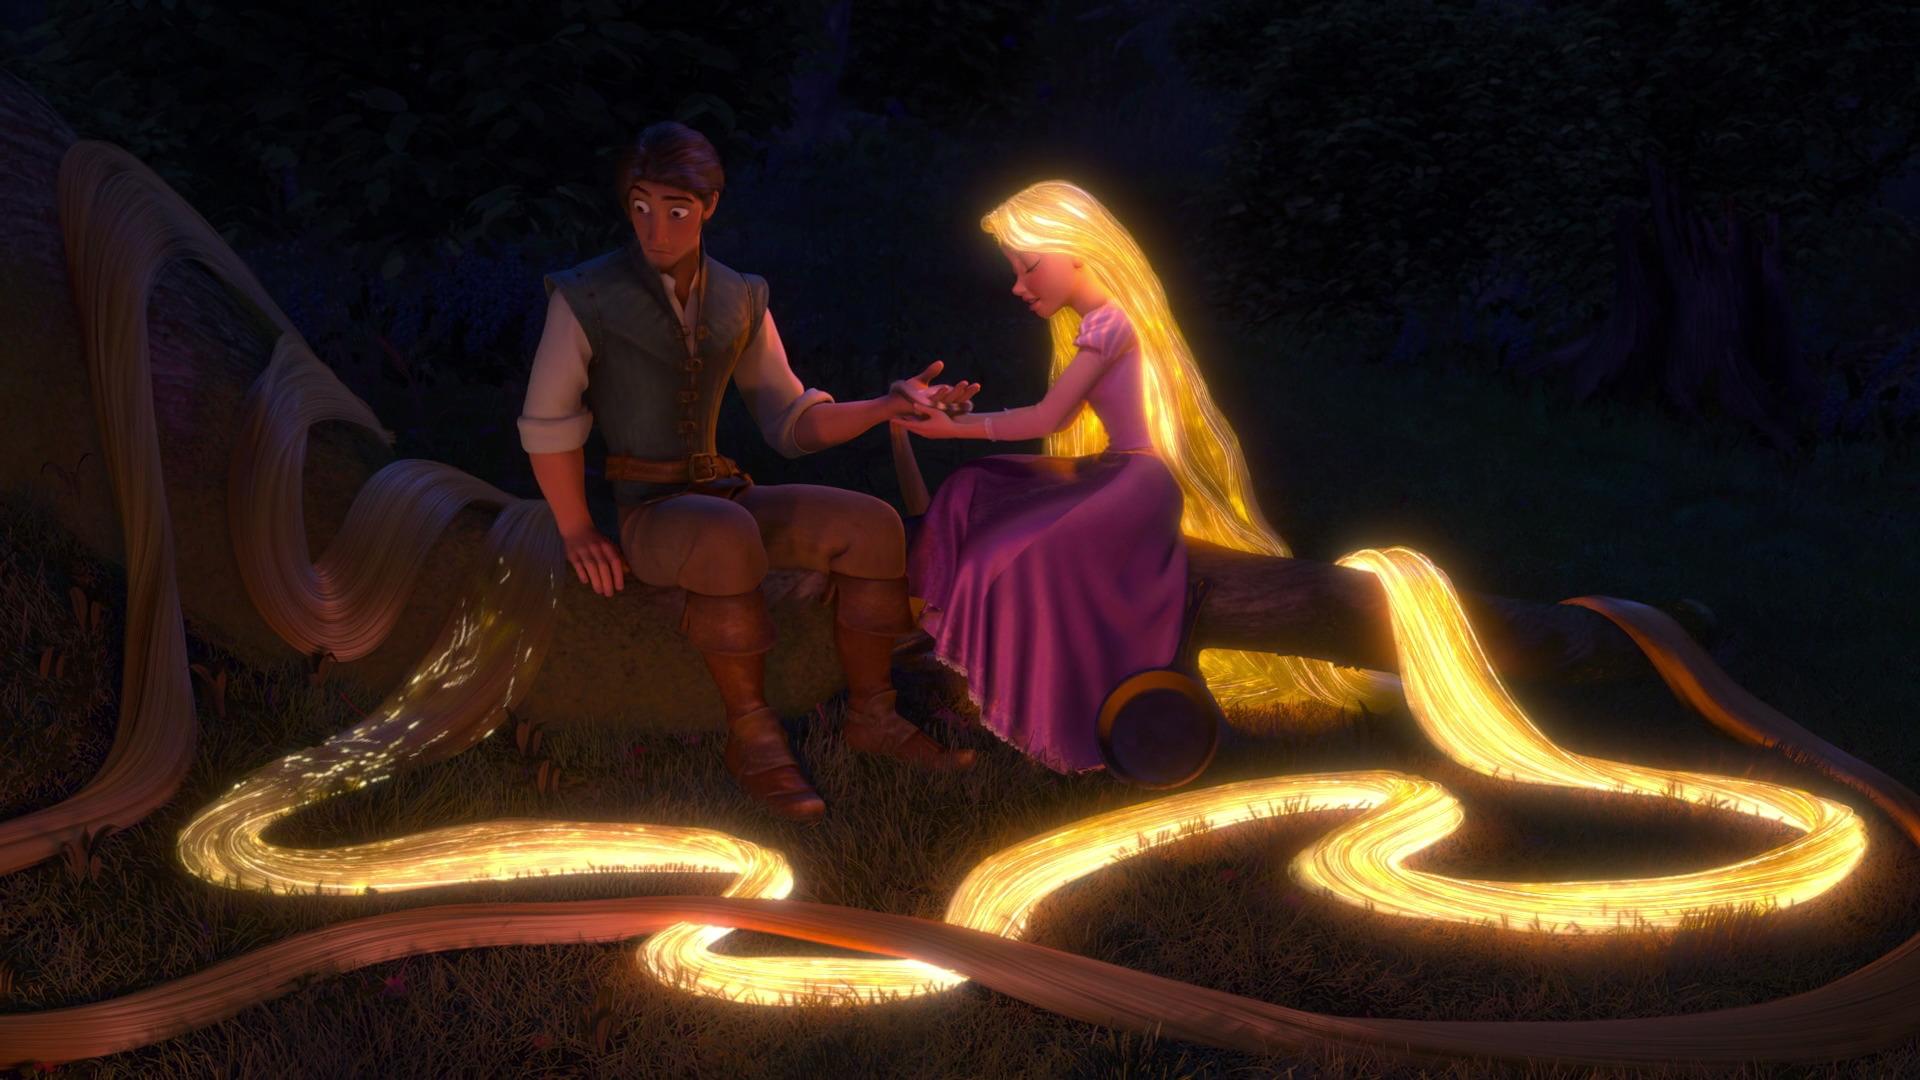 Rapunzel's Magic Hair | Disney Wiki | FANDOM powered by Wikia